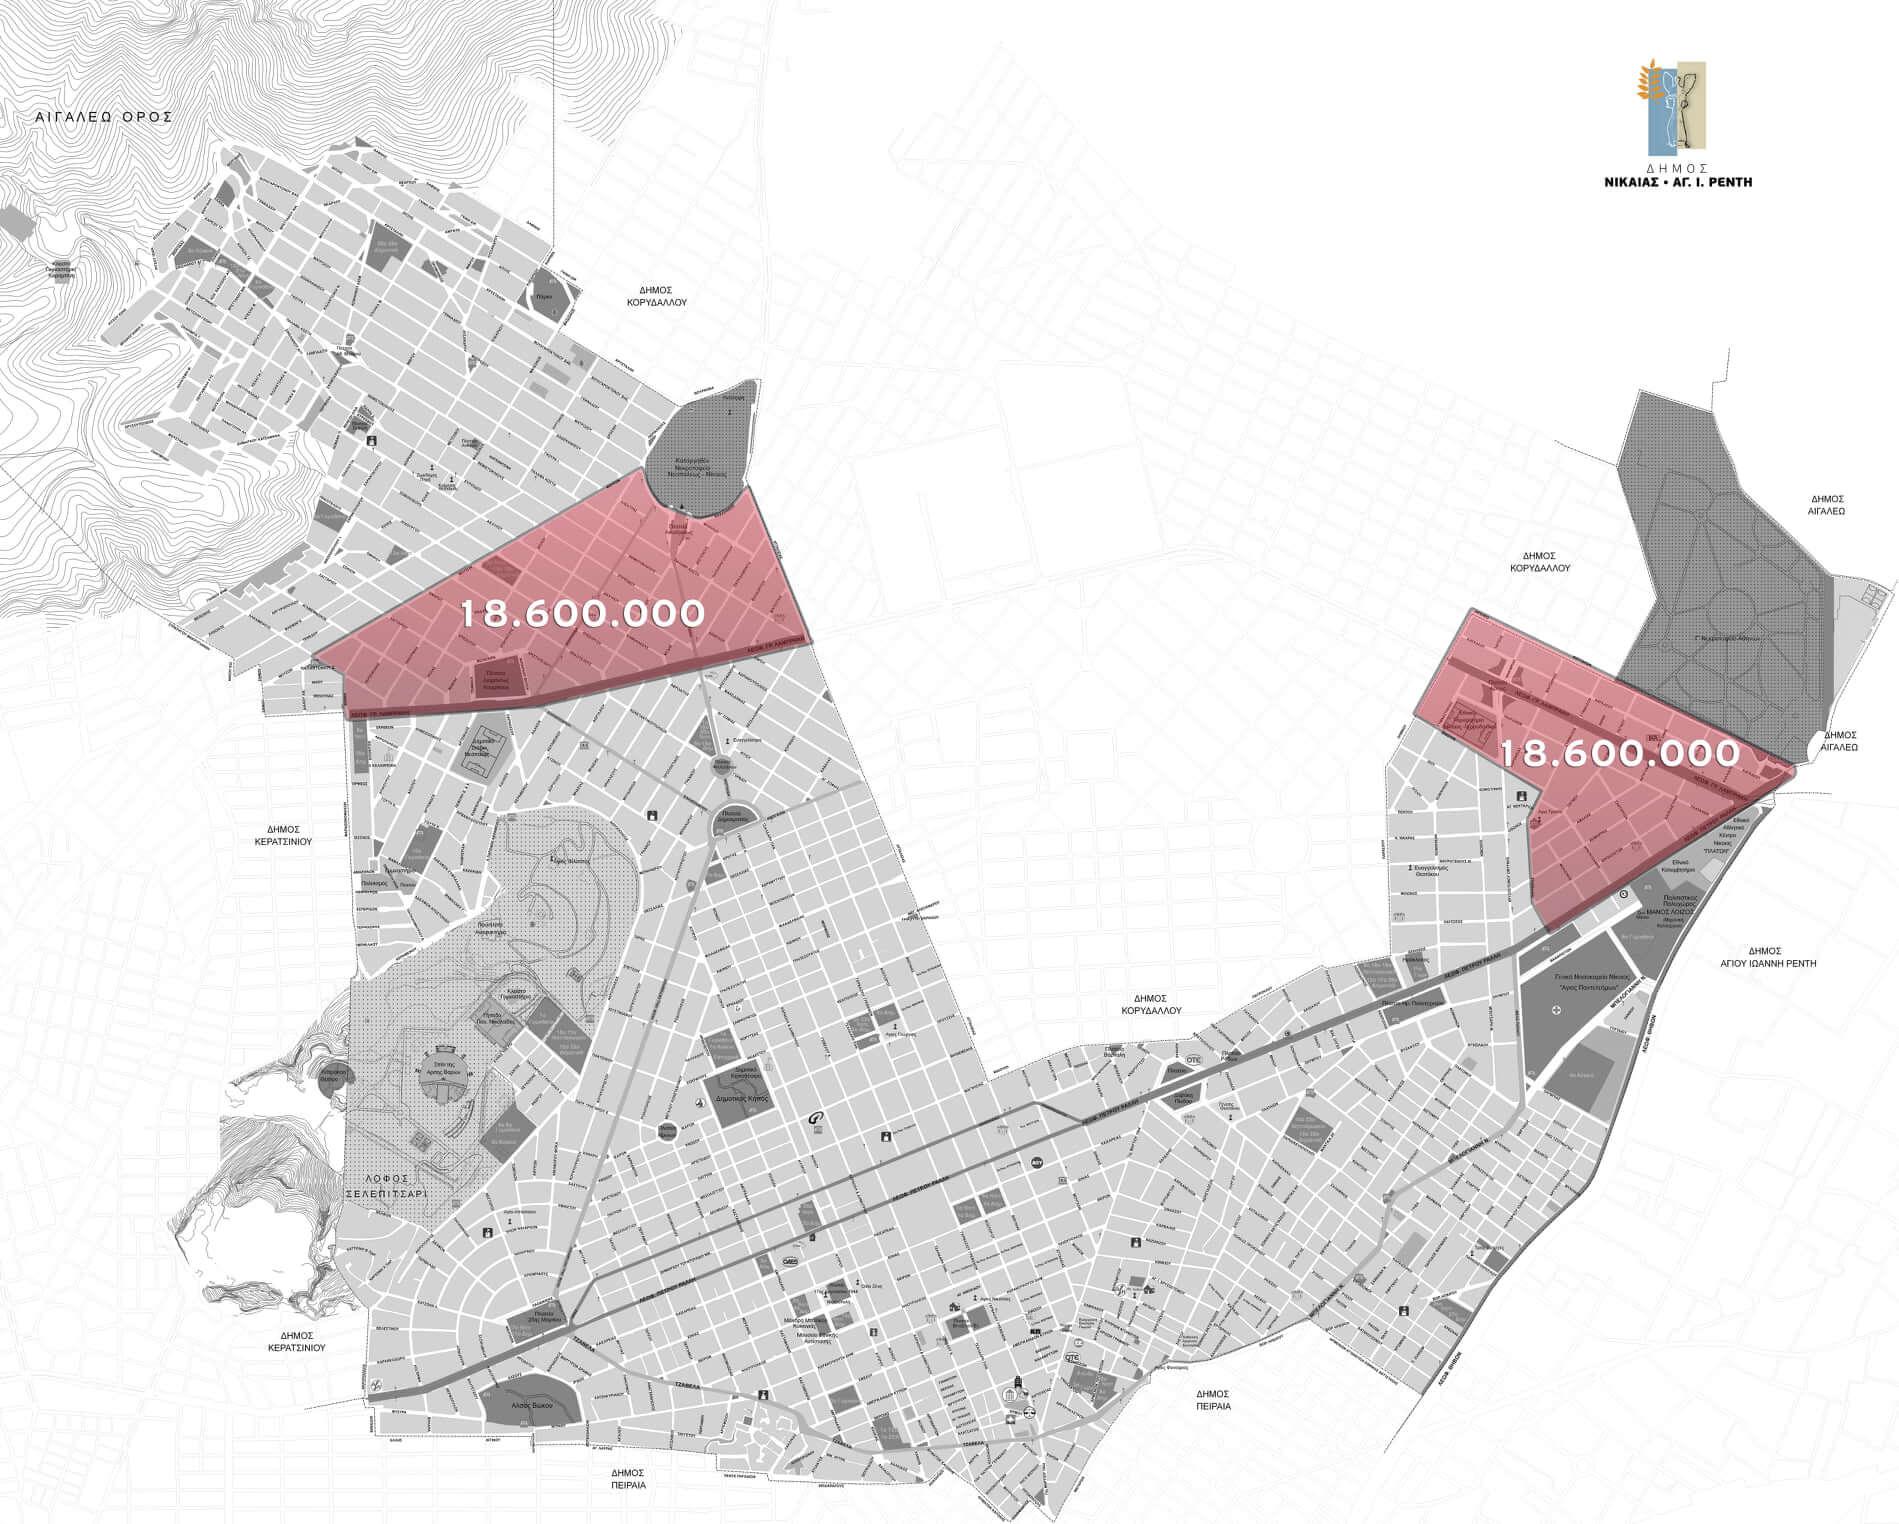 Νίκαια: 18,5 εκατομμύρια για την  αντιπλημμυρική θωράκιση της πόλης